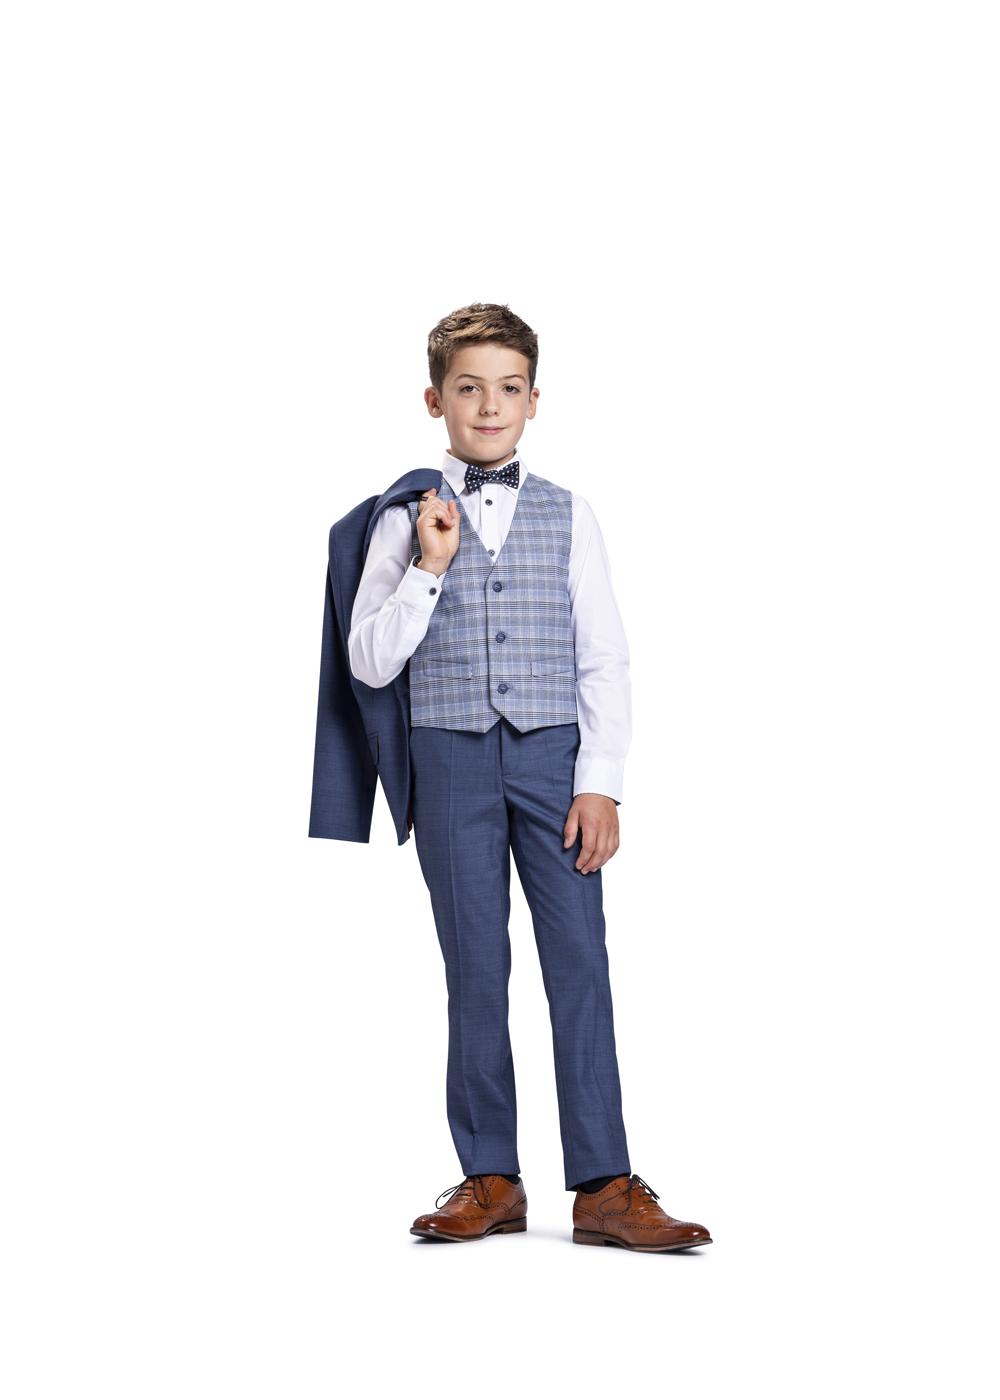 Modern und klassisch - Kommunion Anzug für Jungen von Weise Junior - Modell 7517551. Nochmal der klassisch moderne Anzug mit karrierter Weste.